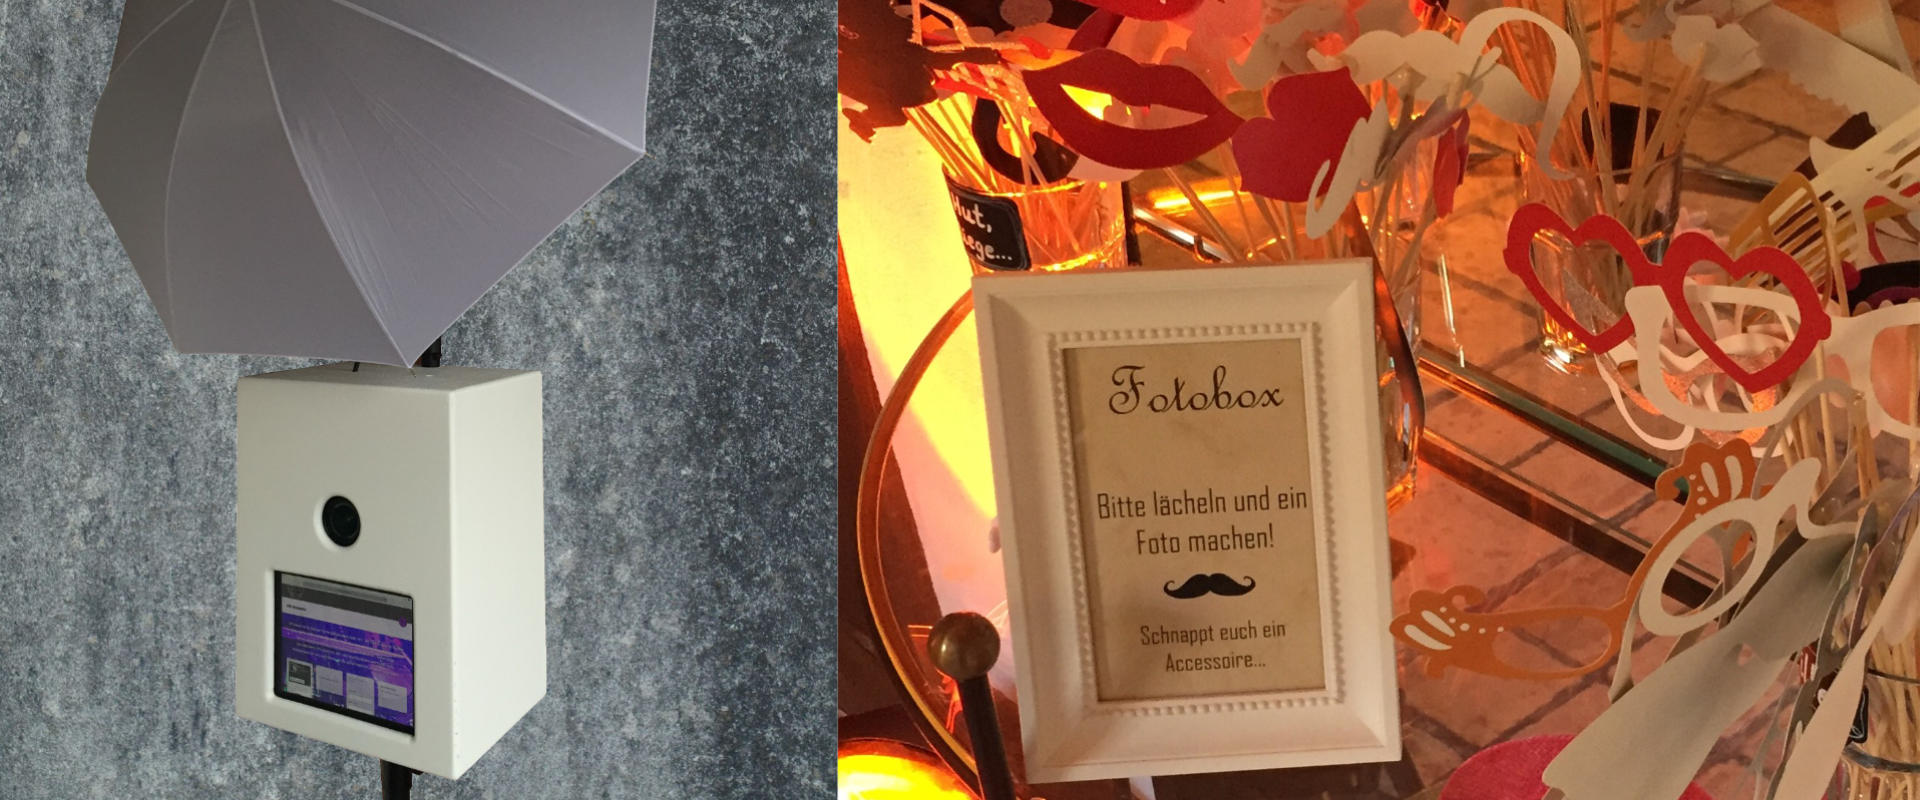 Fotobox Bild der Box